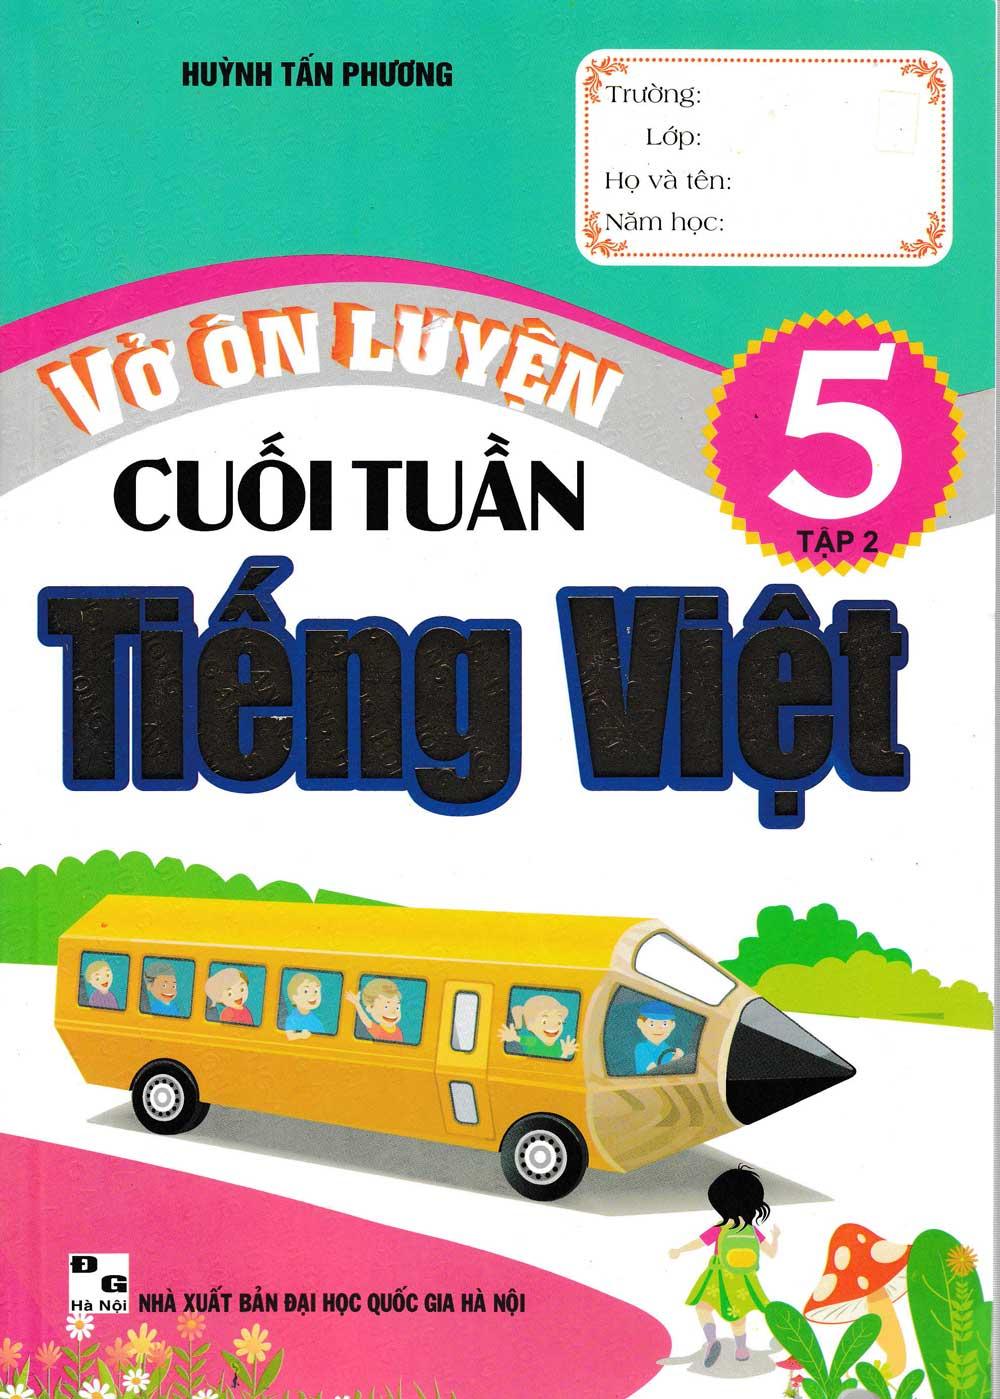 Vở Ôn Luyện Cuối Tuần Tiếng Việt Lớp 5 - Tập 2 - EBOOK/PDF/PRC/EPUB